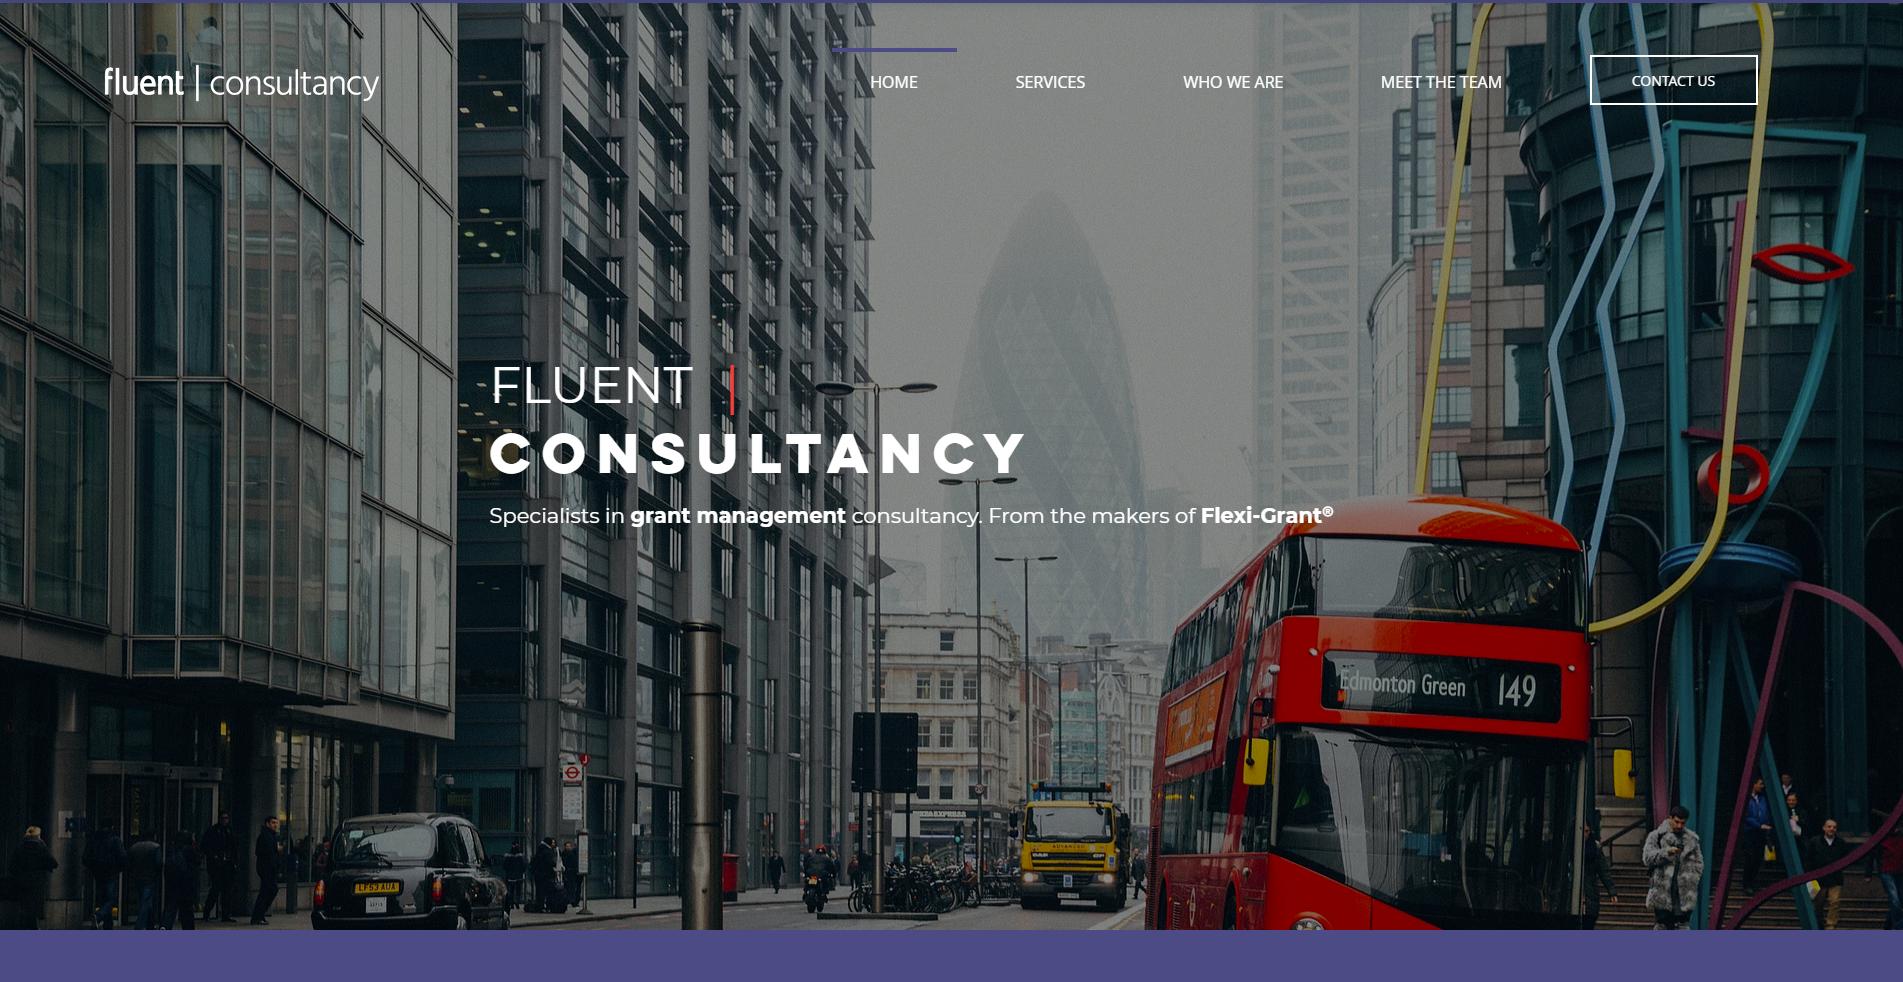 fluentconsultancy.com